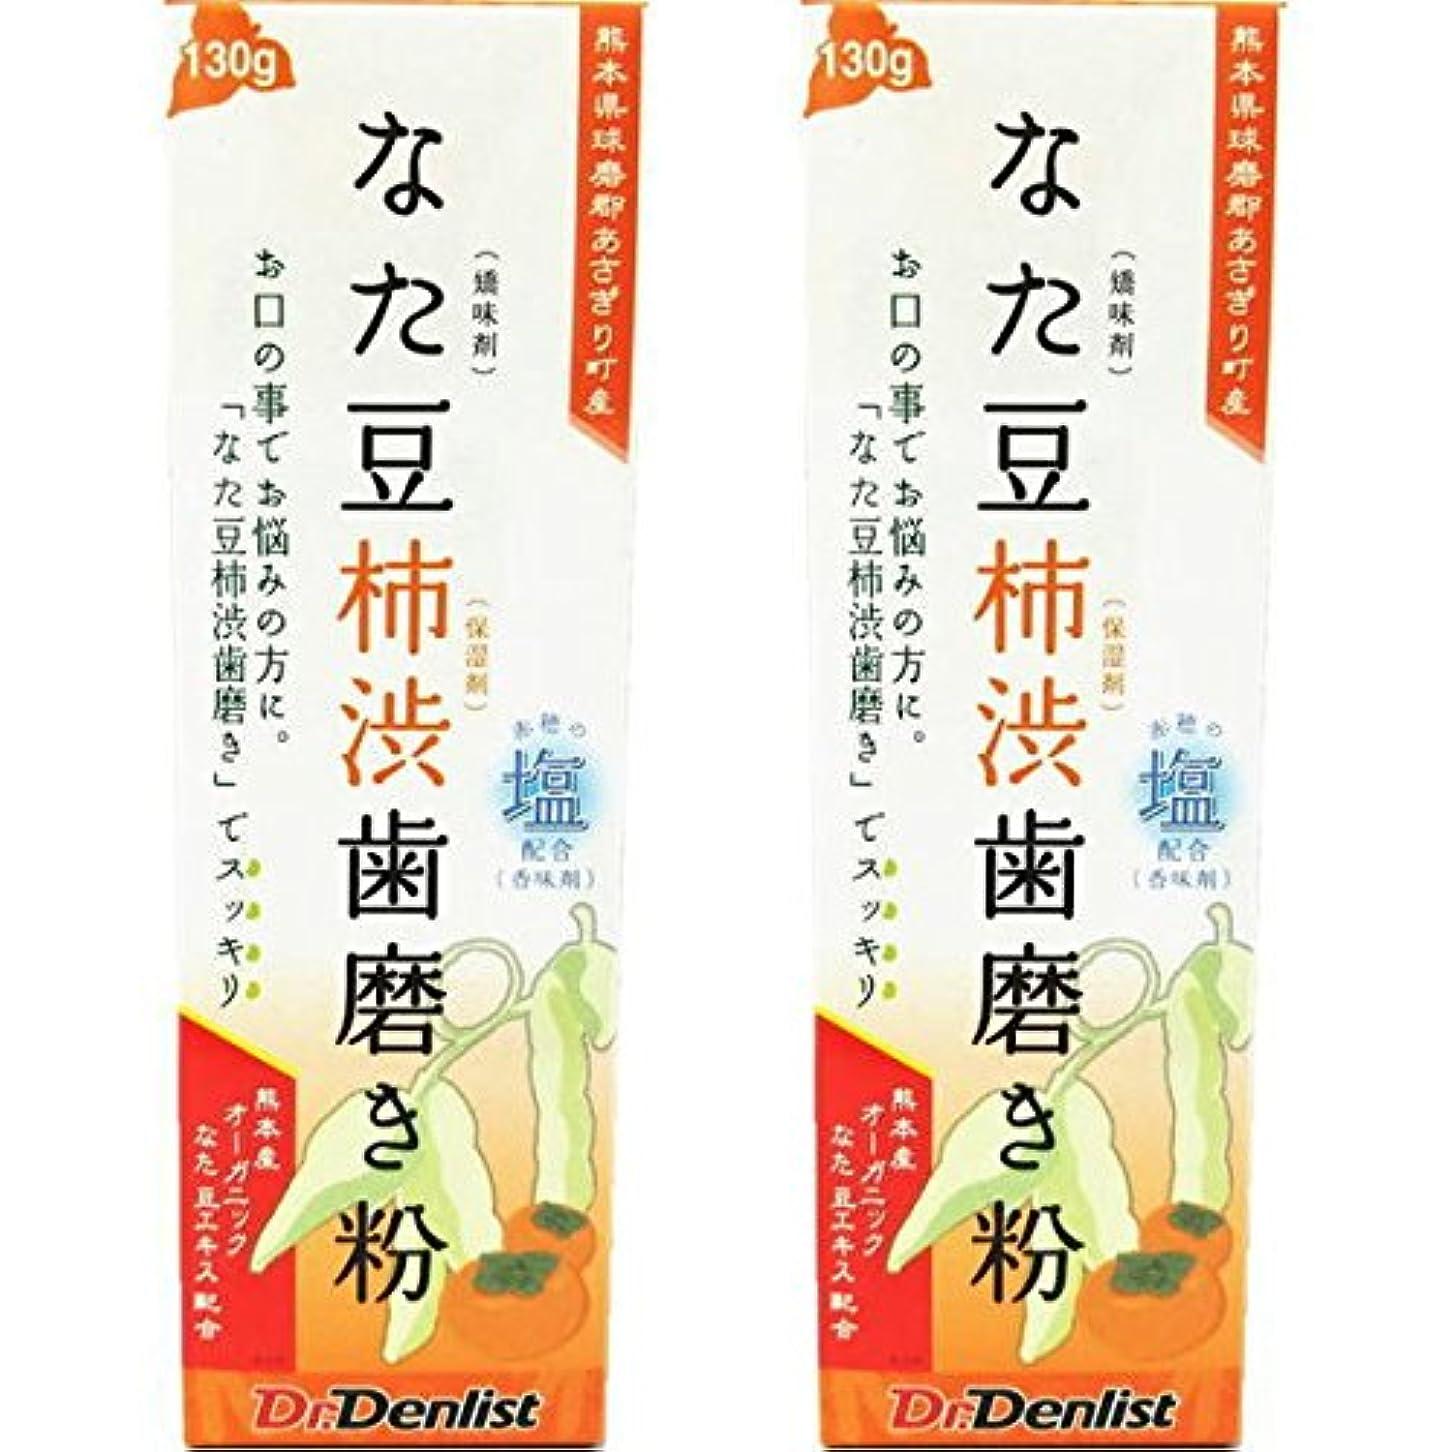 スキル利点レンジなた豆柿渋歯磨き 130g 2個セット 国産 有機なた豆使用 赤穂の塩配合(香味剤)